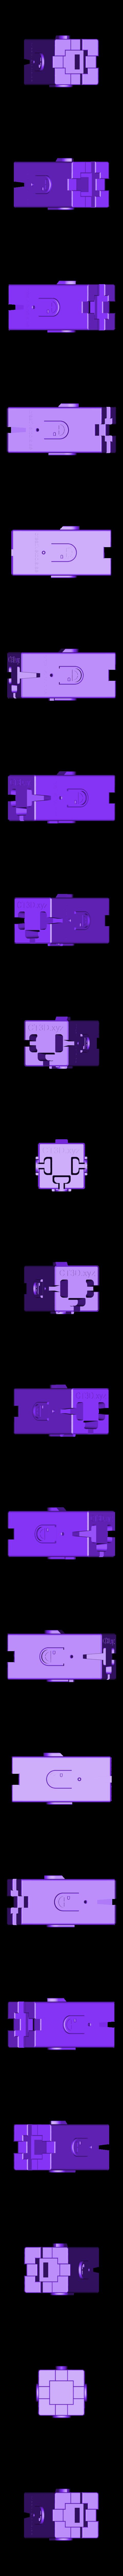 Scout_Tower_T_Hollow_(Modular Castle Playset - 3D-printable)_By_CreativeTools.se.stl Télécharger fichier STL gratuit Plateau modulaire de château (imprimable en 3D) • Modèle à imprimer en 3D, CreativeTools